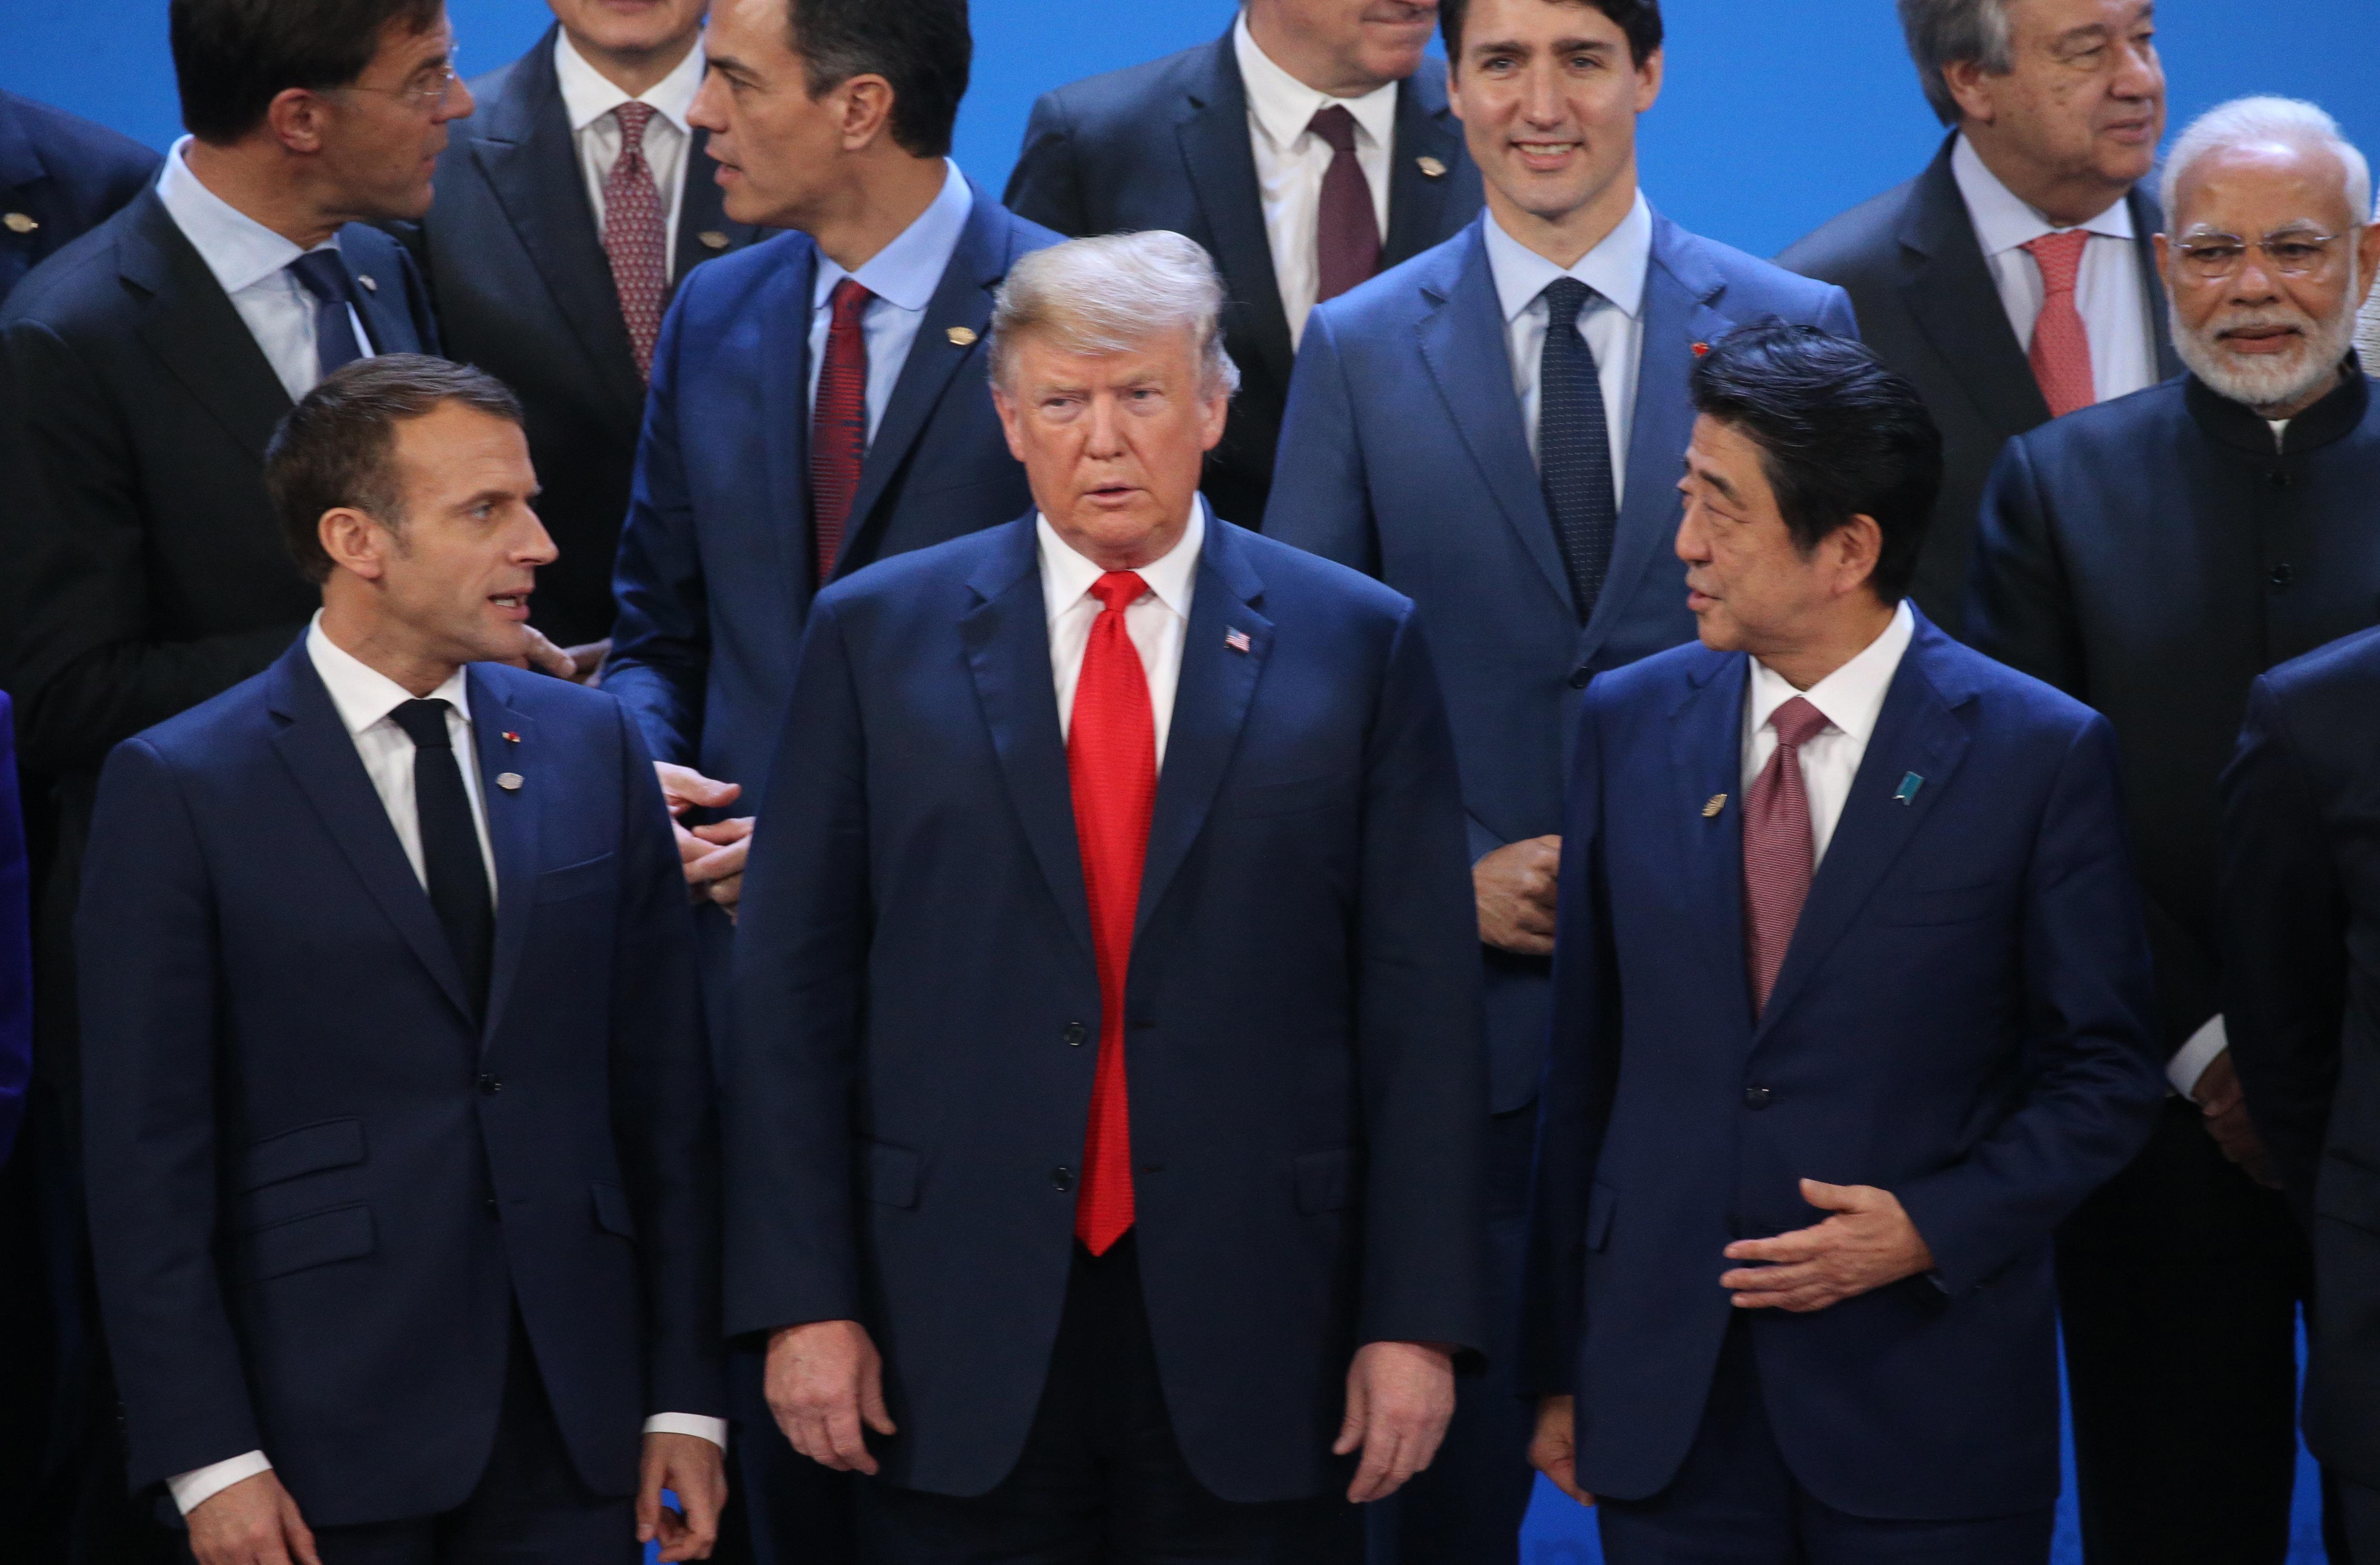 미국을 뺀 19개국이 기후변화 대응에 뜻을 모았다 (G20 공동선언